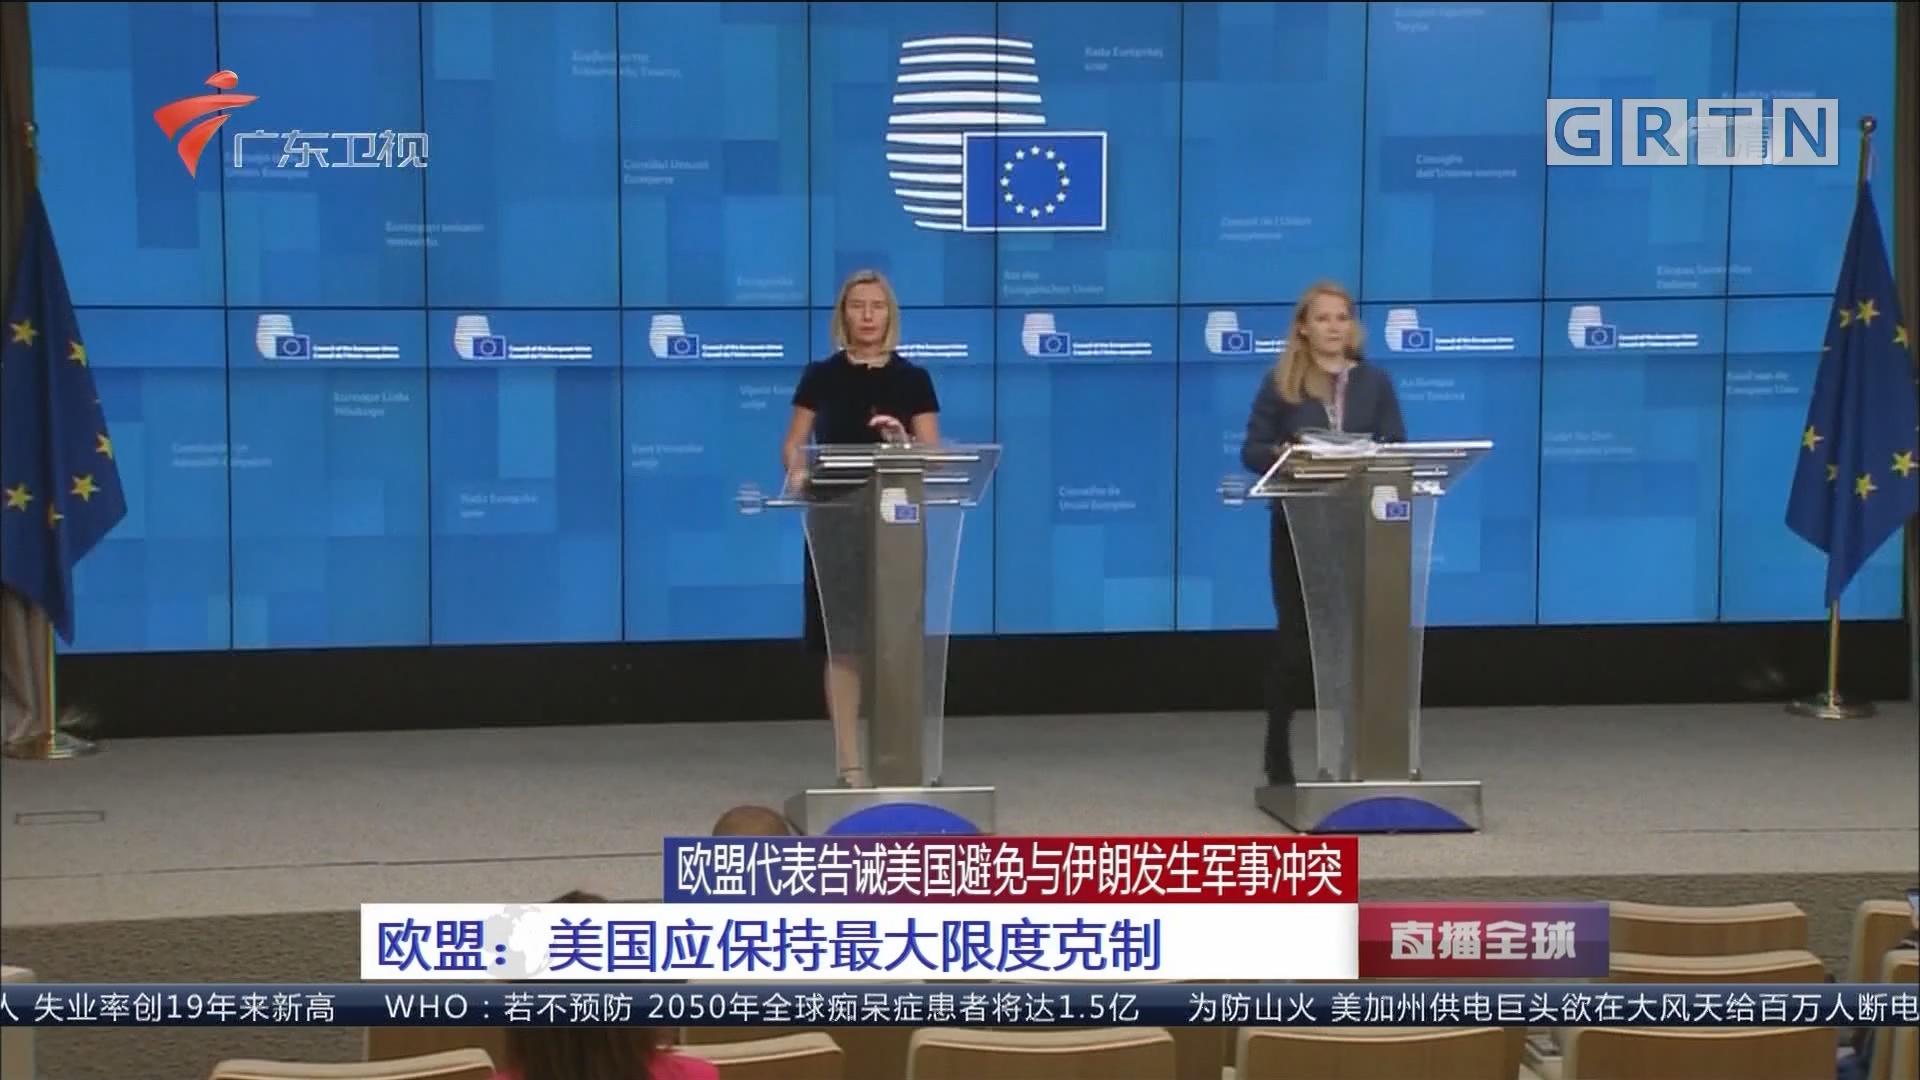 欧盟代表告诫美国避免与伊朗发生军事冲突 欧盟?#22909;?#22269;应保持最大限度克制